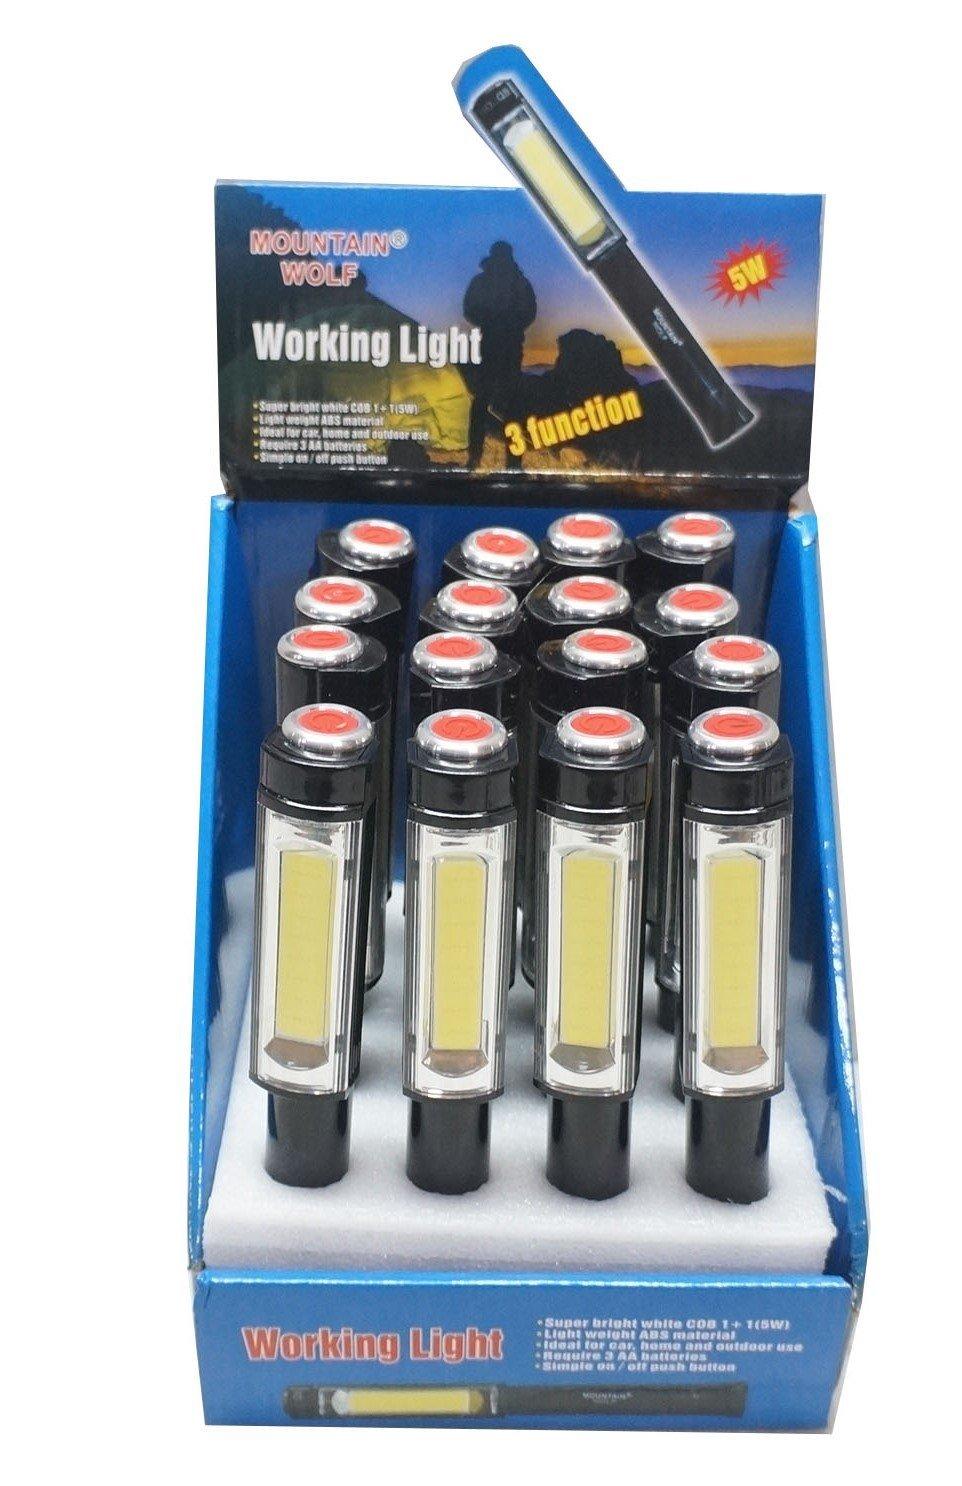 佳佳玩具 ------ 磁吸 LED 紅白燈 可吸磁鐵 工作燈 腳踏車警示燈 3段式 手電筒 單入【YF14319】